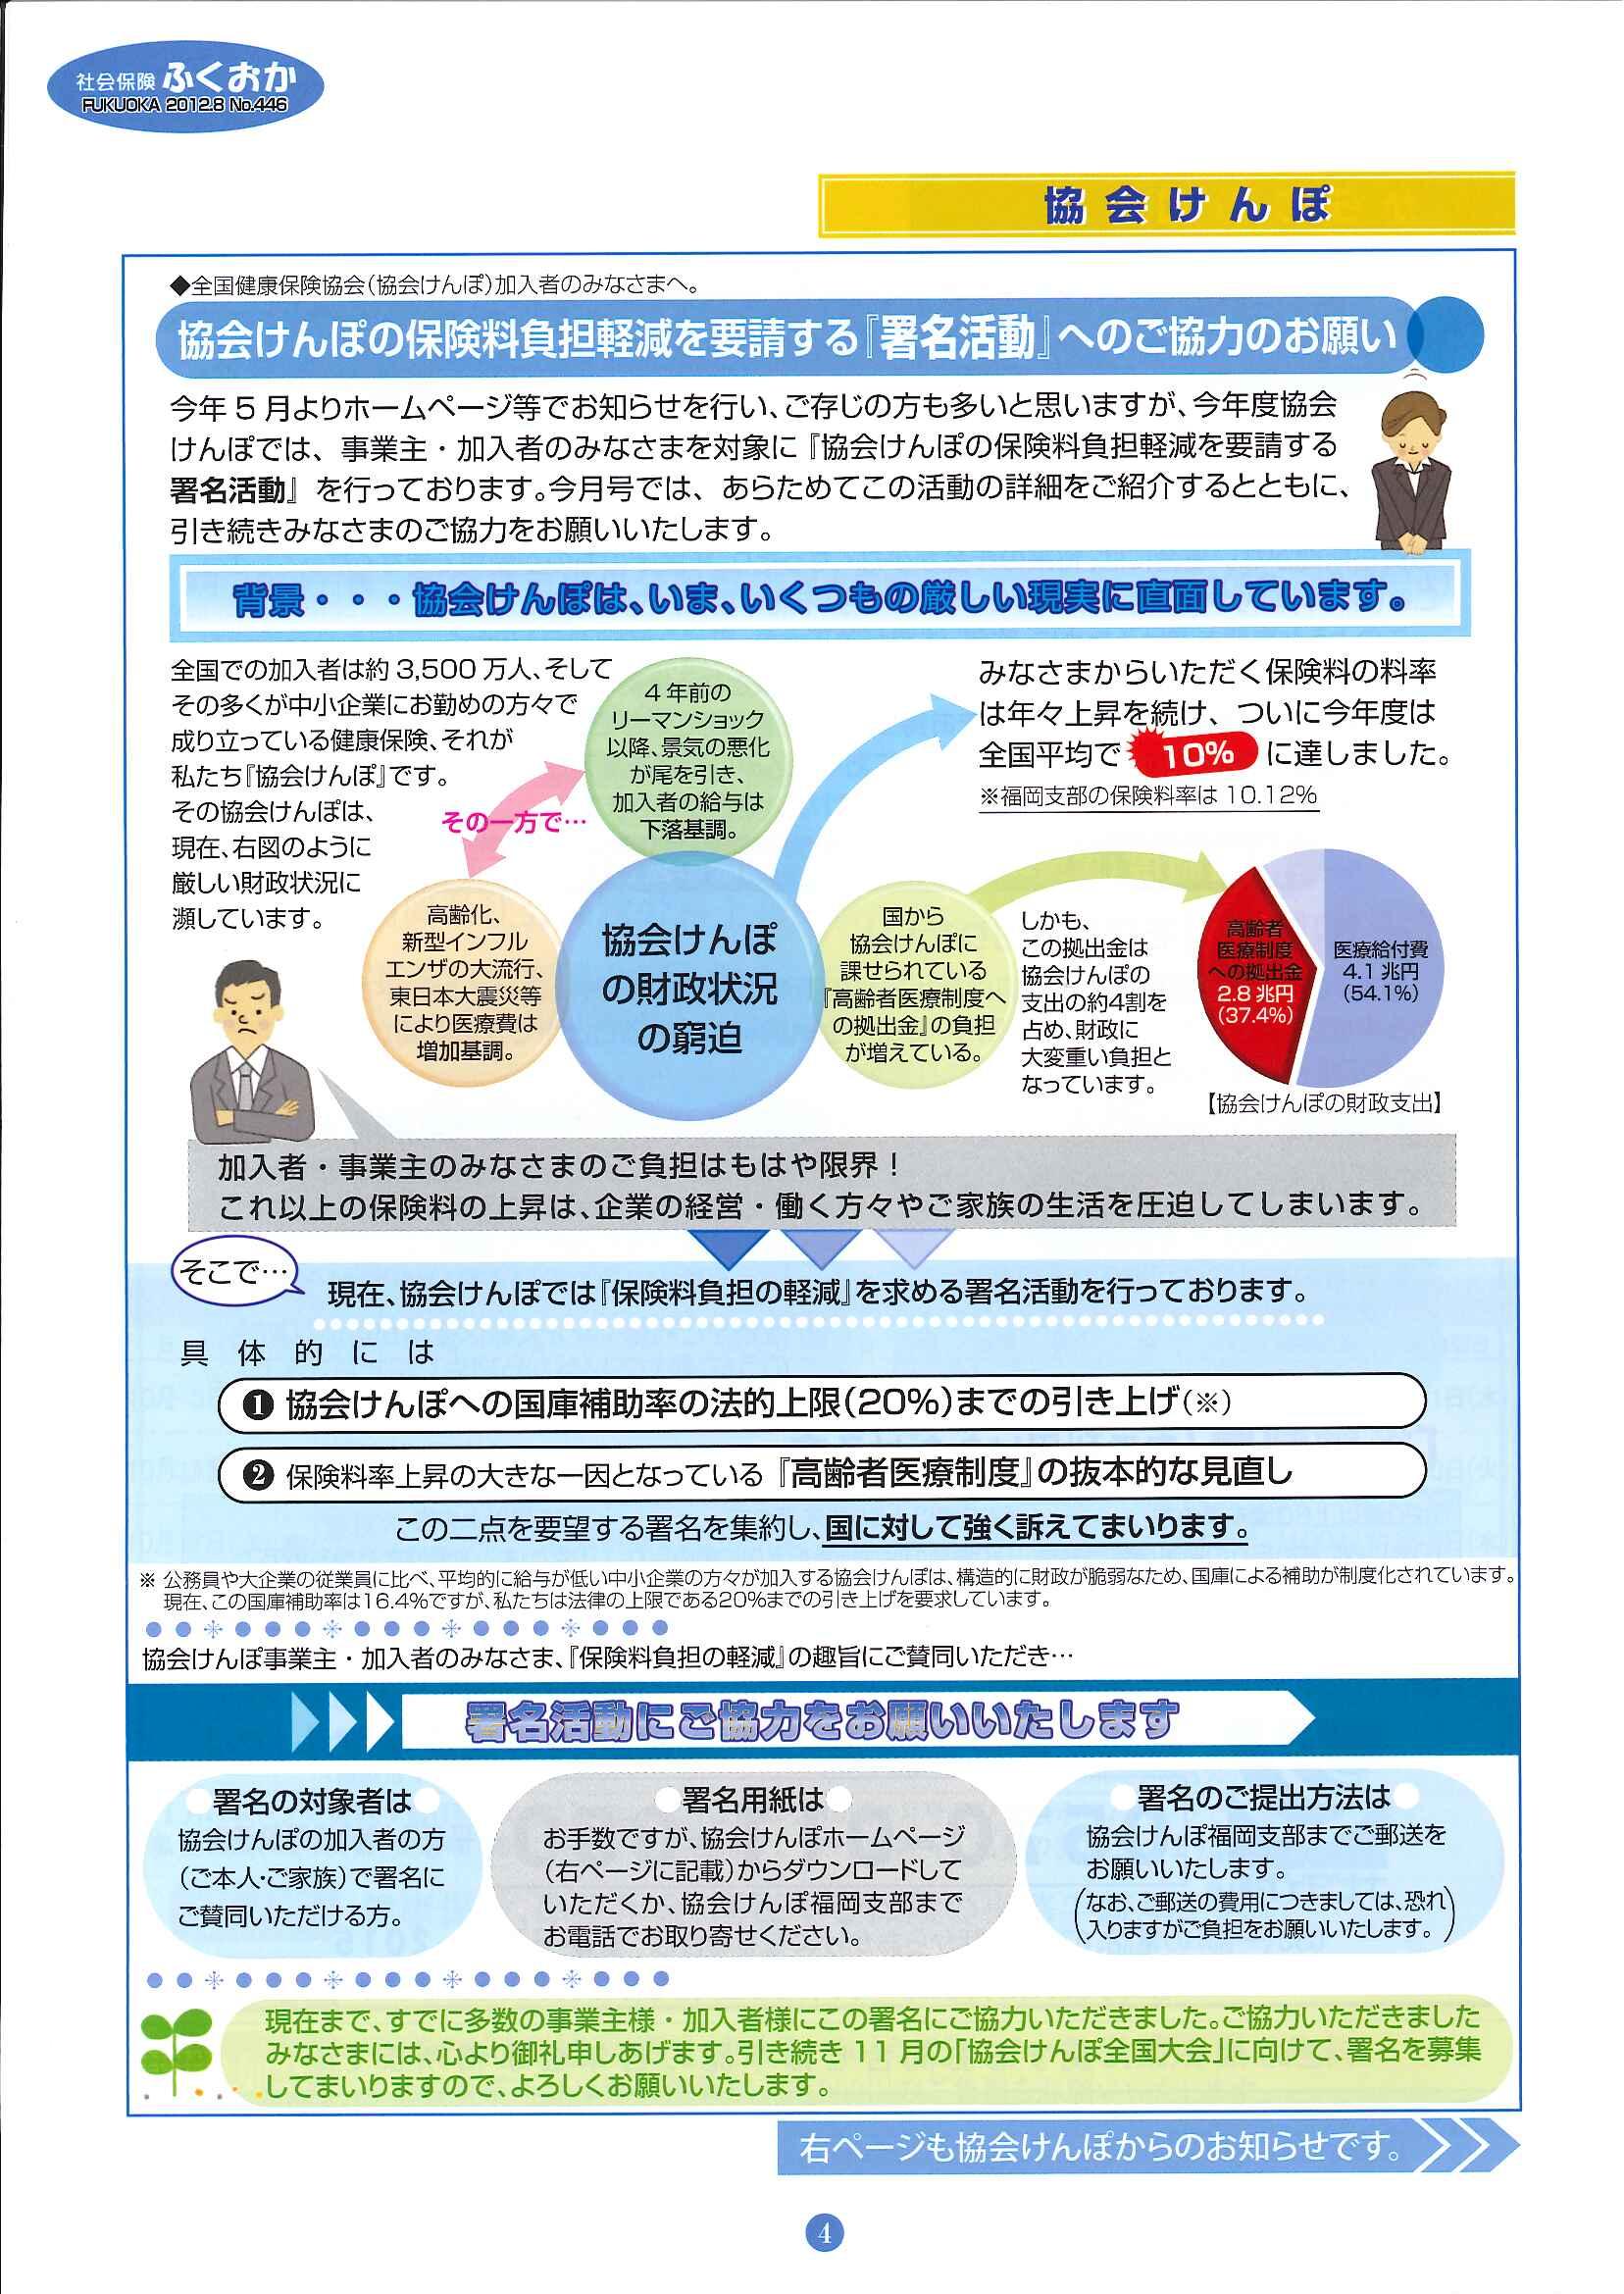 社会保険 ふくおか 2012 8月号_f0120774_1449337.jpg